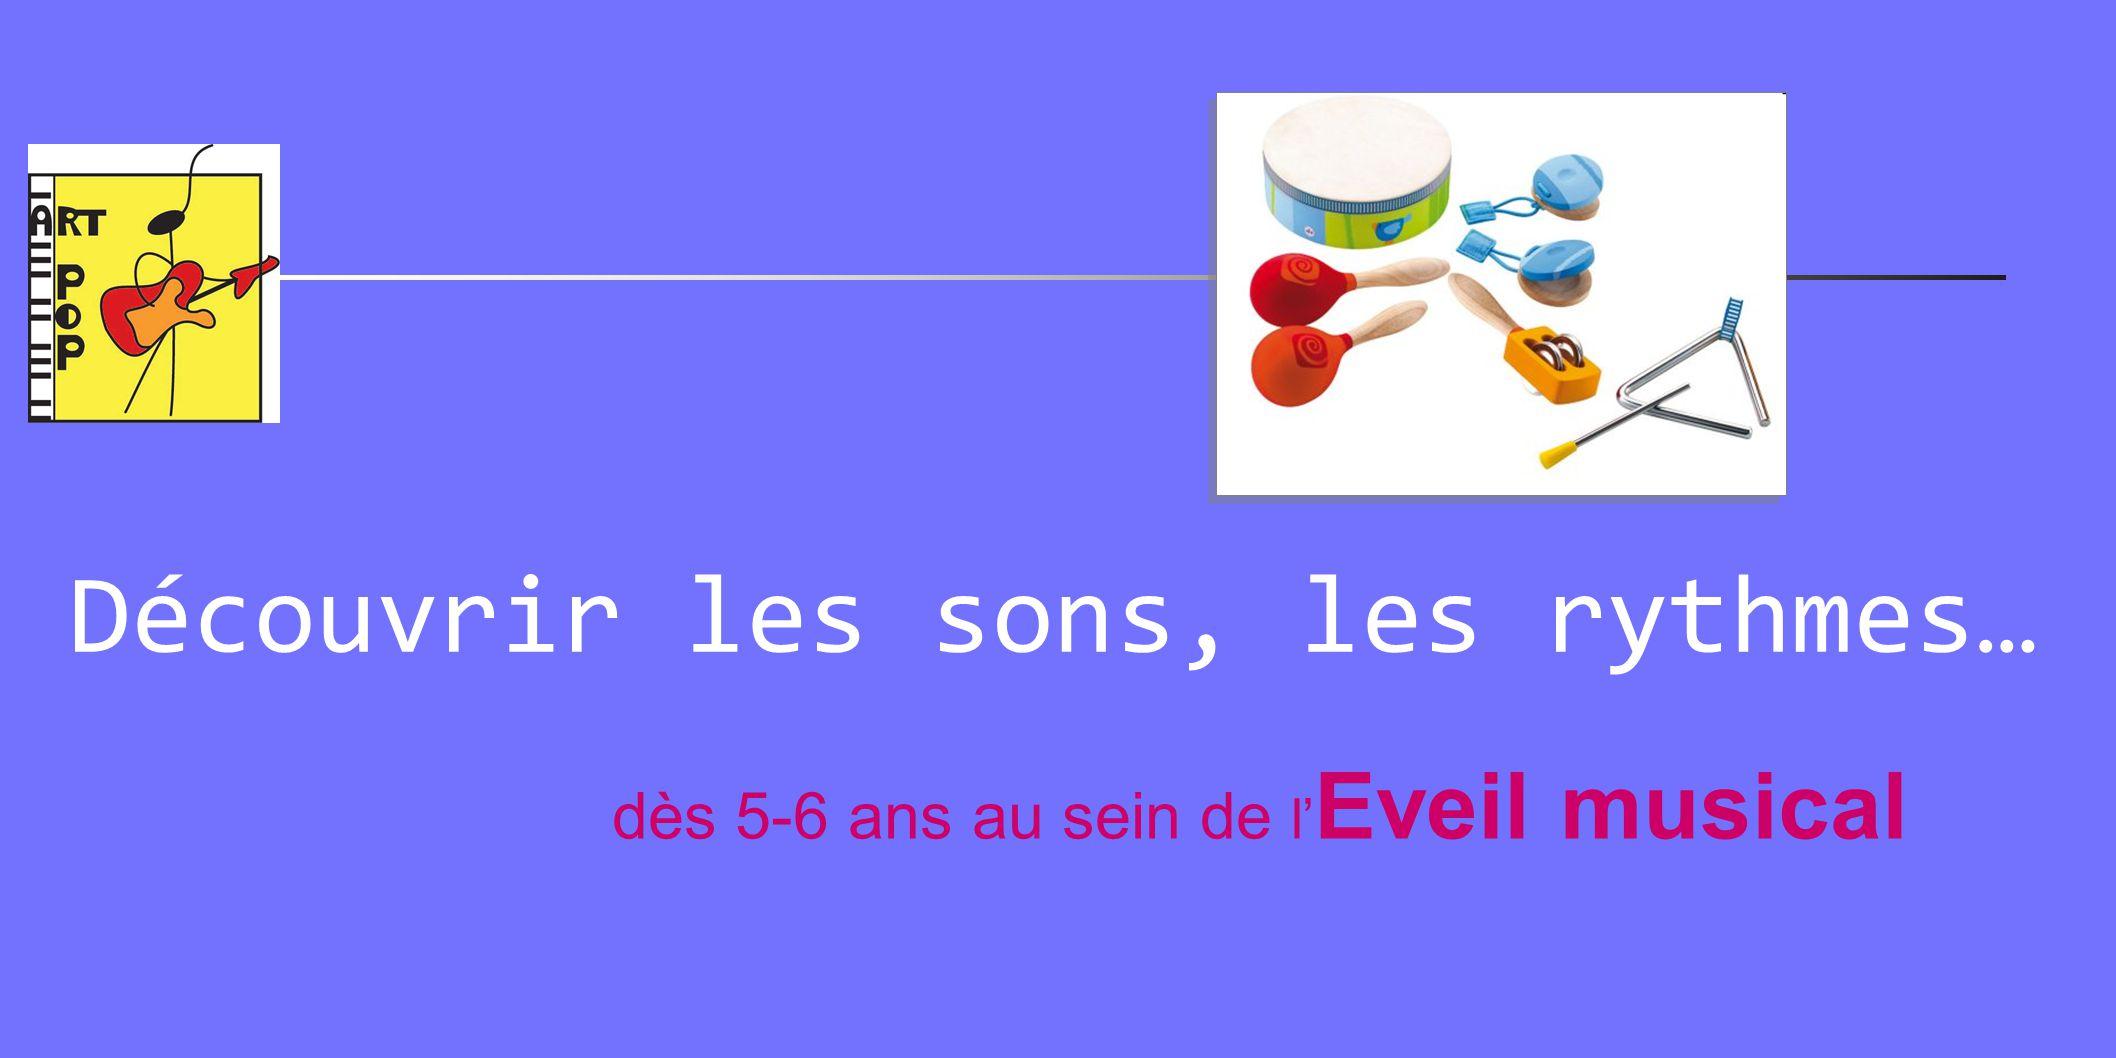 Découvrir les sons, les rythmes… dès 5-6 ans au sein de l' Eveil musical